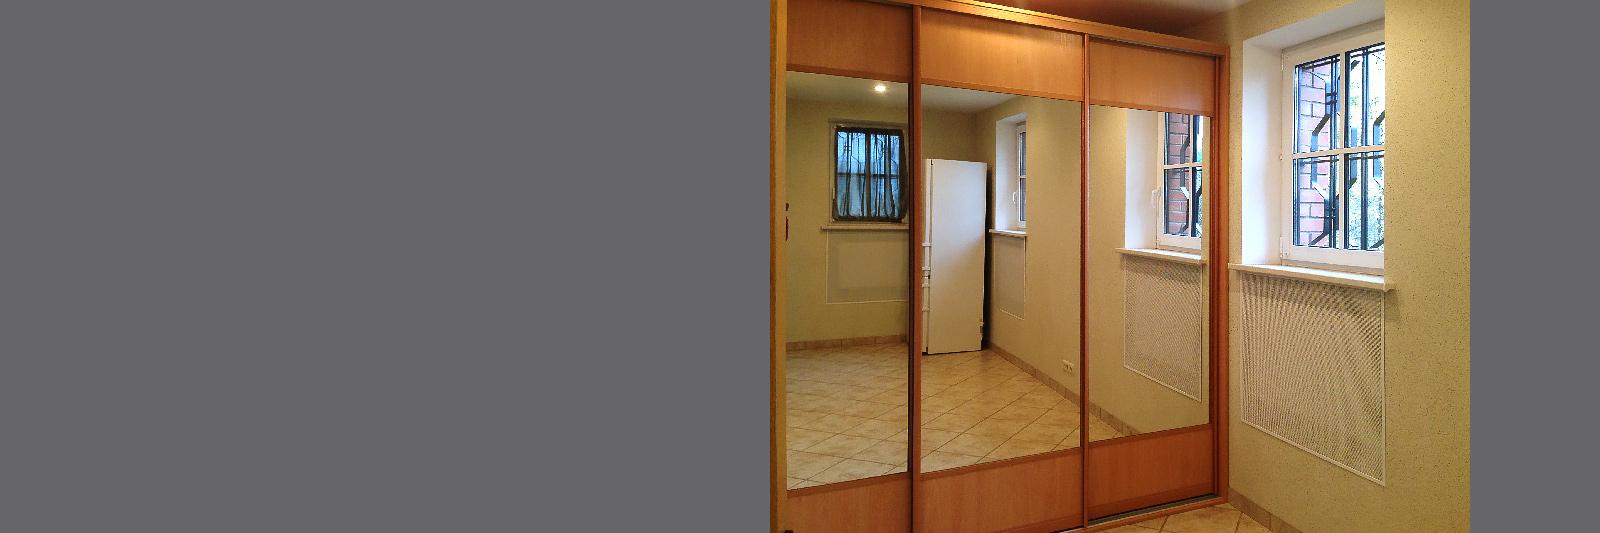 Шкаф-купе для одежды с зеркальными дверями